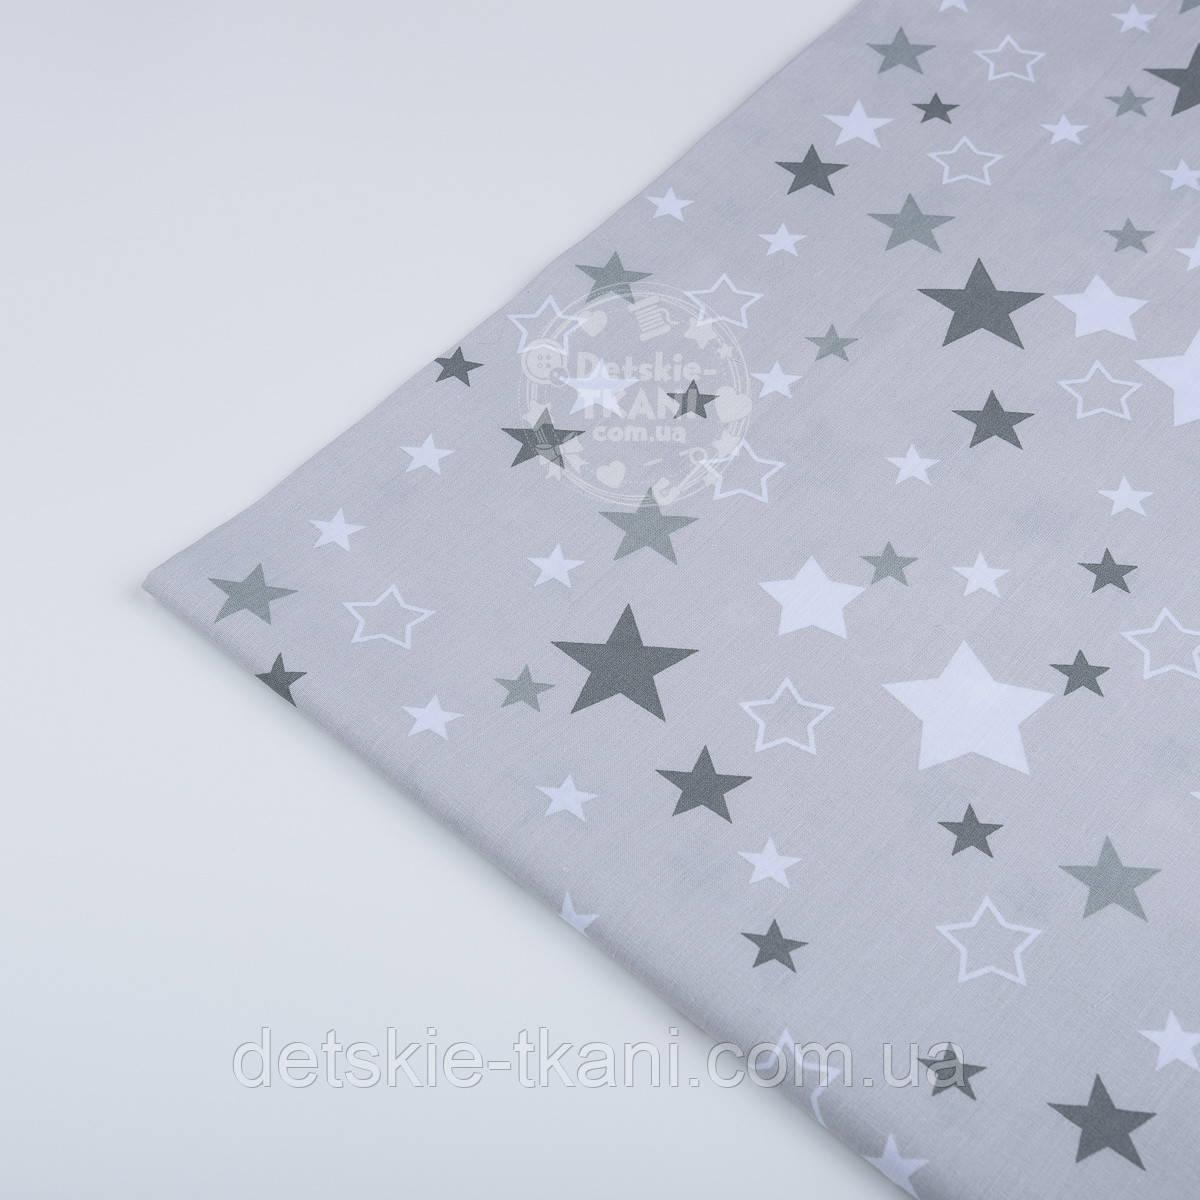 """Лоскут ткани №1032а """"Звёздный карнавал"""" с белыми и графитовыми звёздами на сером фоне, размер 29*80 см"""